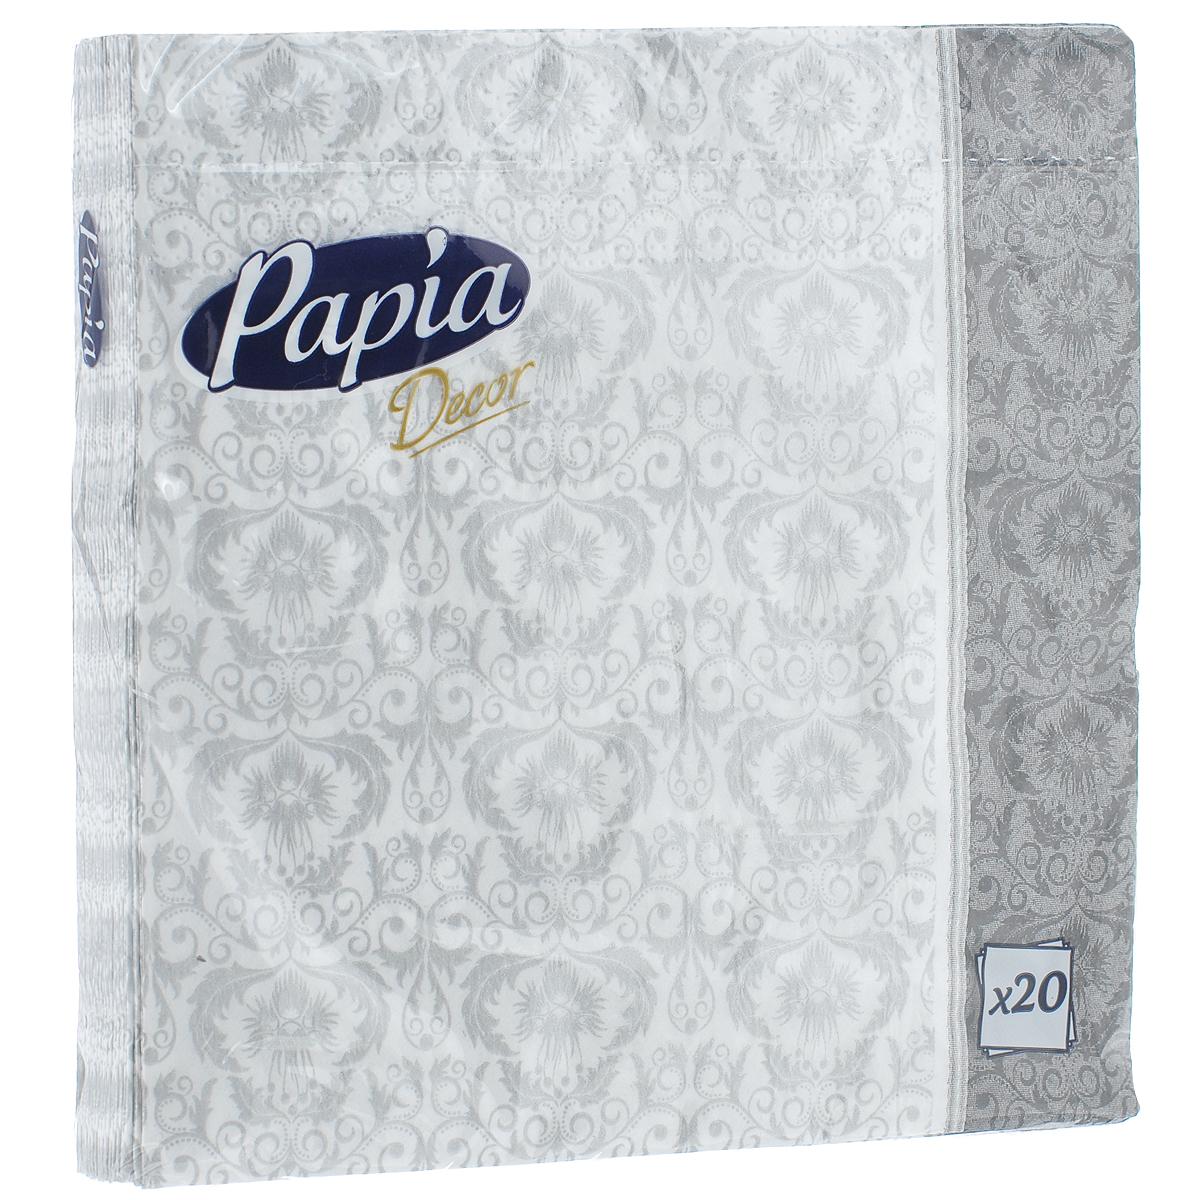 Салфетки бумажные Papia Decor, трехслойные, цвет: серый, белый, 33 x 33 см, 20 штIRK-503Трехслойные салфетки Papia Decor, выполненные из 100% целлюлозы, оформлены орнаментом. Салфетки предназначены для красивой сервировки стола. Оригинальный дизайн салфеток добавит изысканности вашему столу и поднимет настроение. Размер салфеток: 33 см х 33 см.